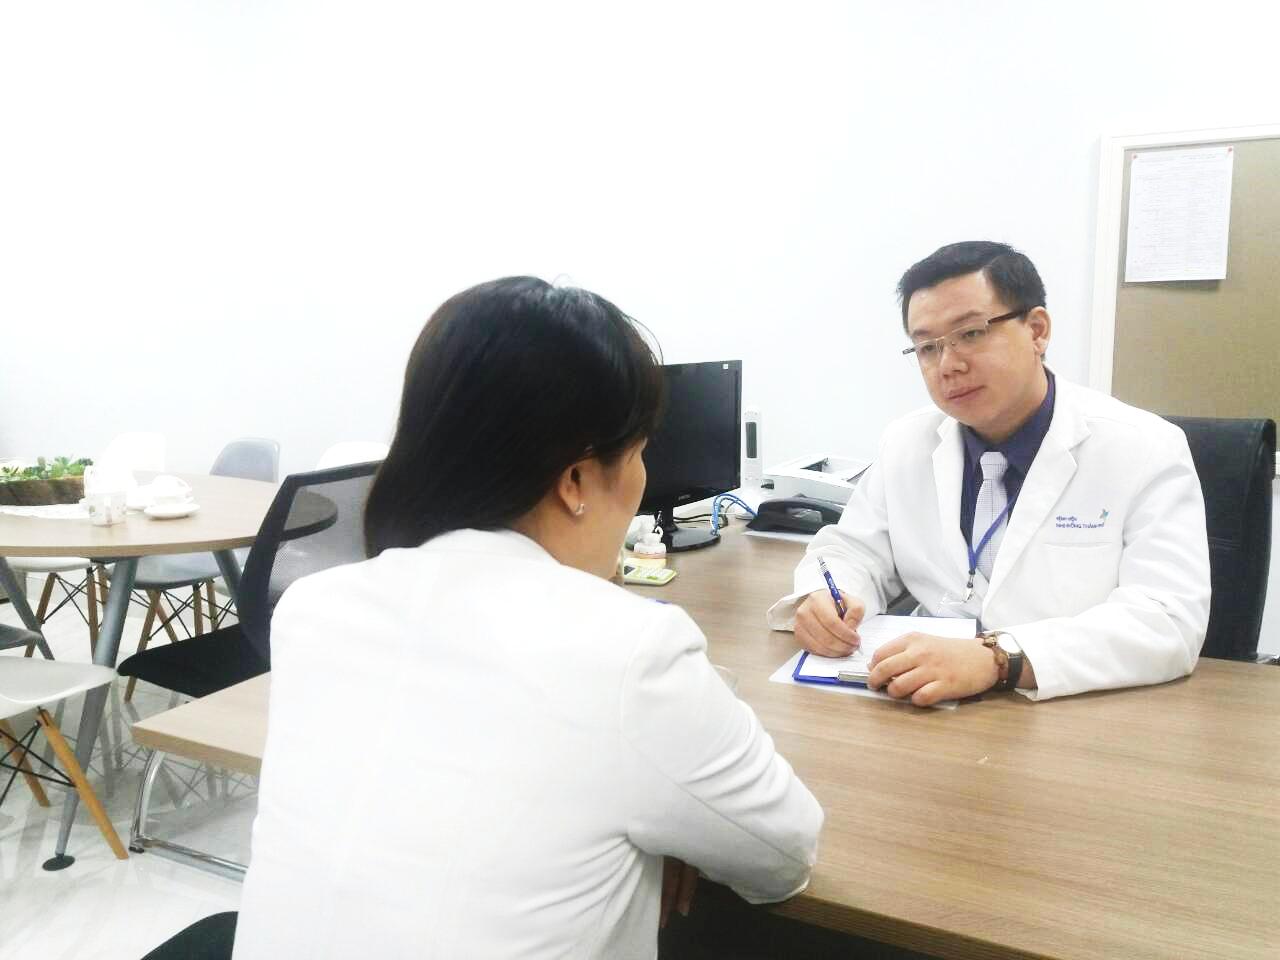 Hình ảnh minh họa: Tham vấn tâm lý Stress nghề nghiệp cho nhân viên y tế tại Bệnh viện Nhi đồng Thành phố.